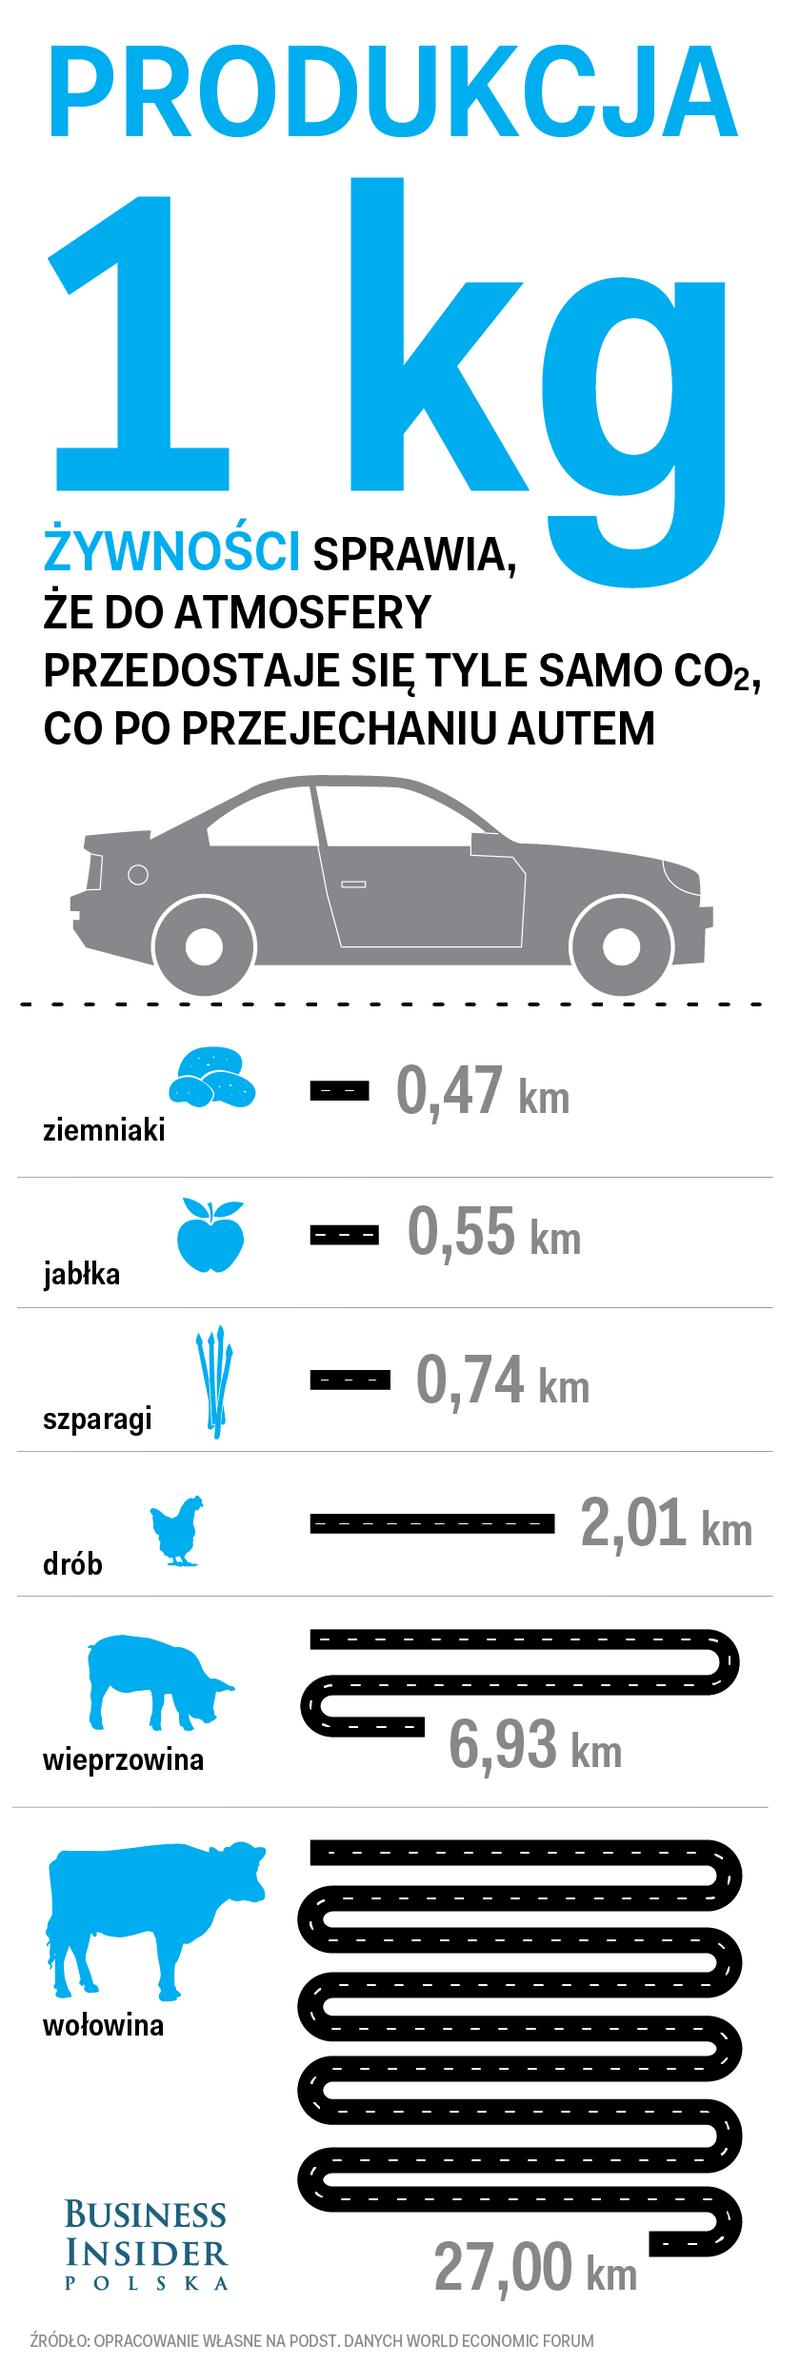 Produkcja żywności a emisja CO2 podczas jazdy samochodem